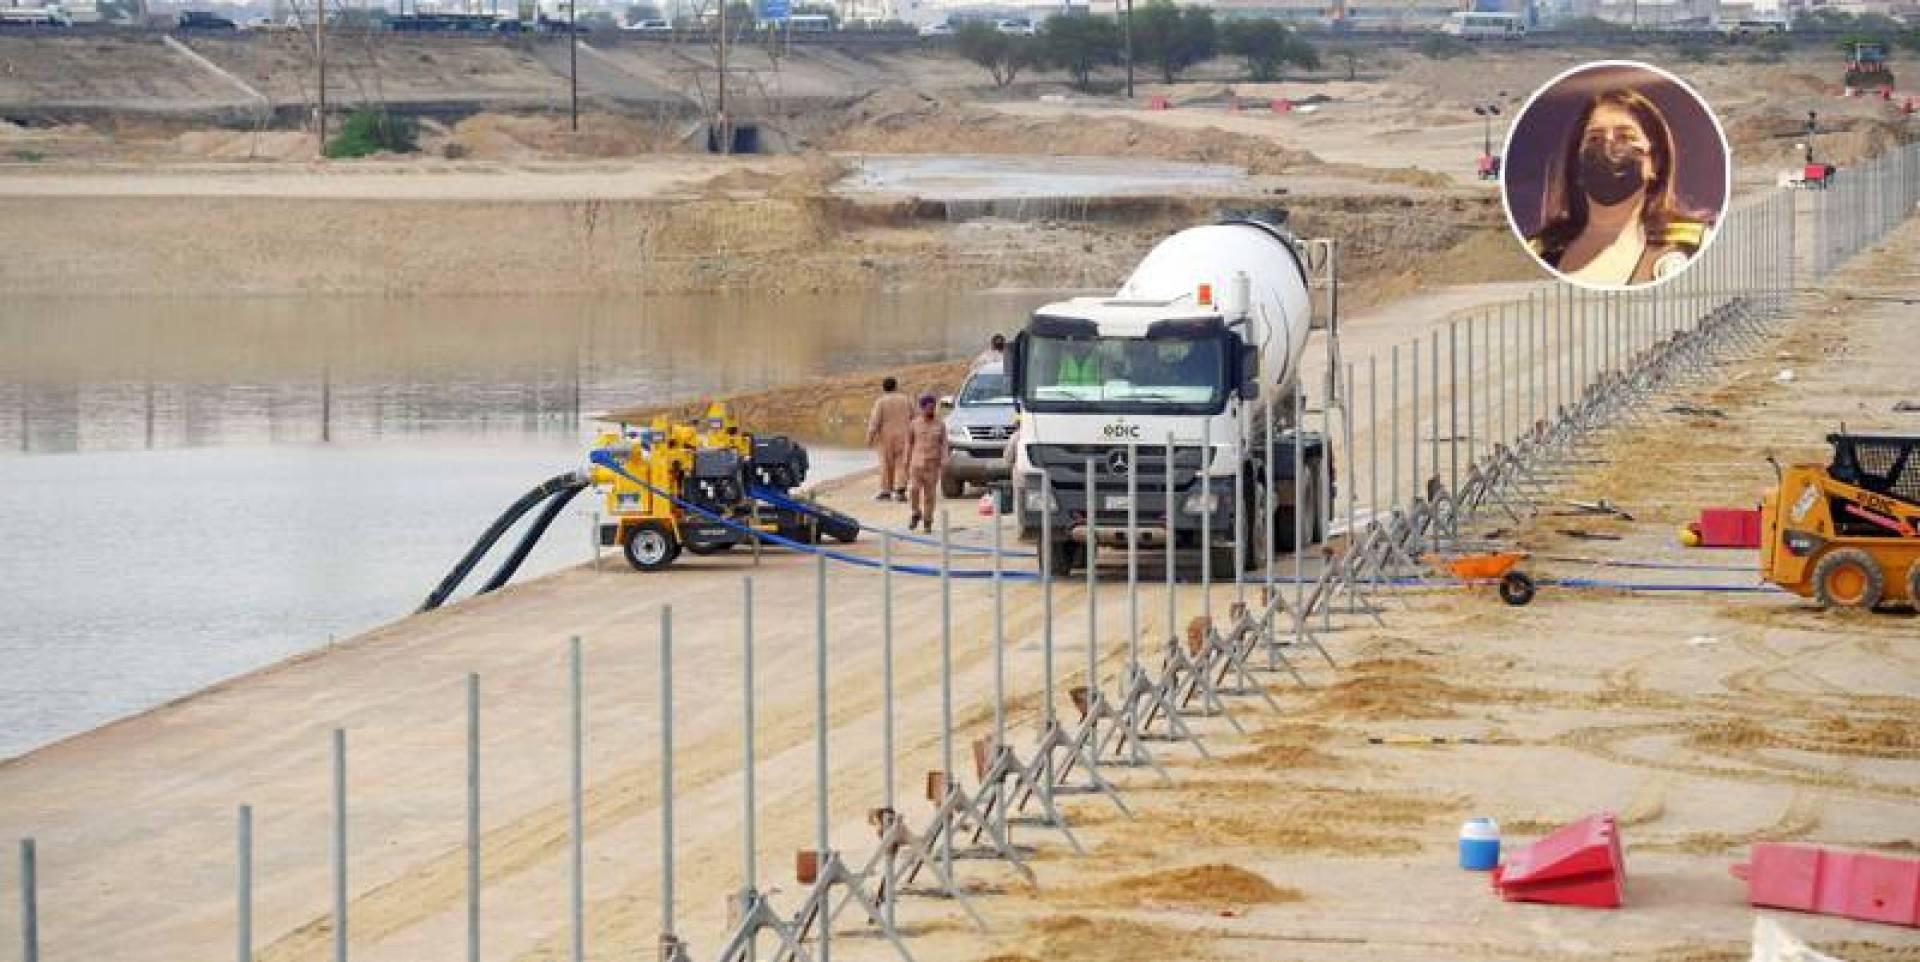 فرق طوارئ «الأشغال» تسحب مياه الأمطار المتجمعة.. وفي الإطار رنا الفارس (تصوير: بسام زيدان)